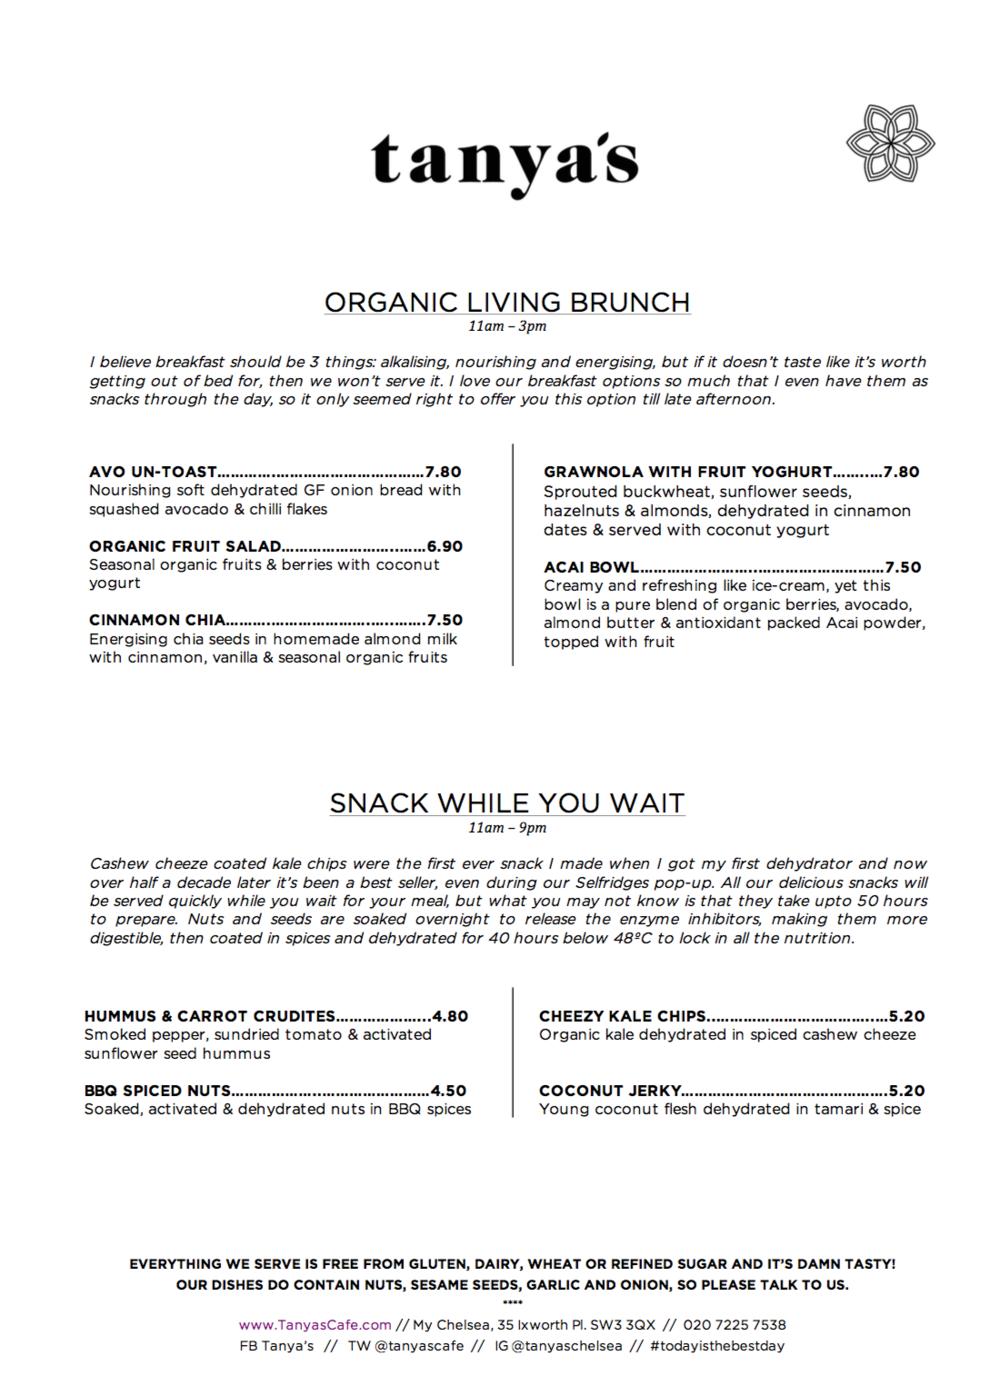 tanya's raw food menu 2